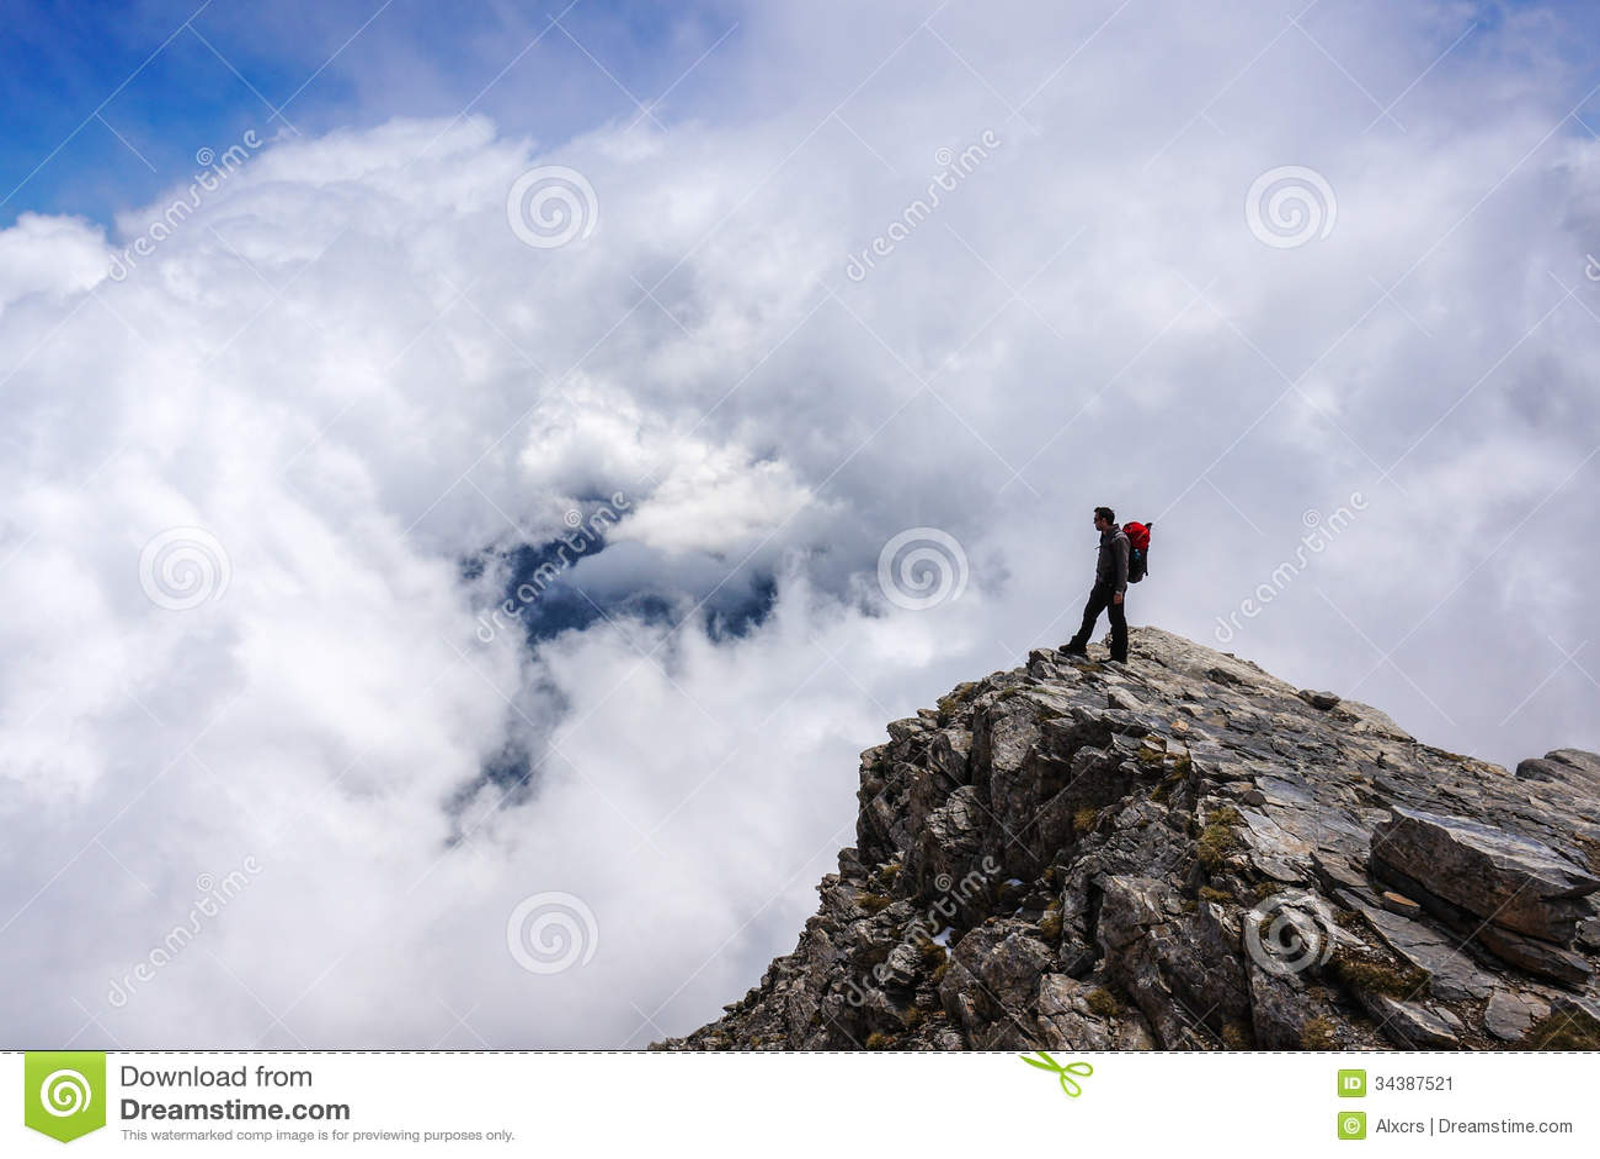 Hombre encima de la montaña